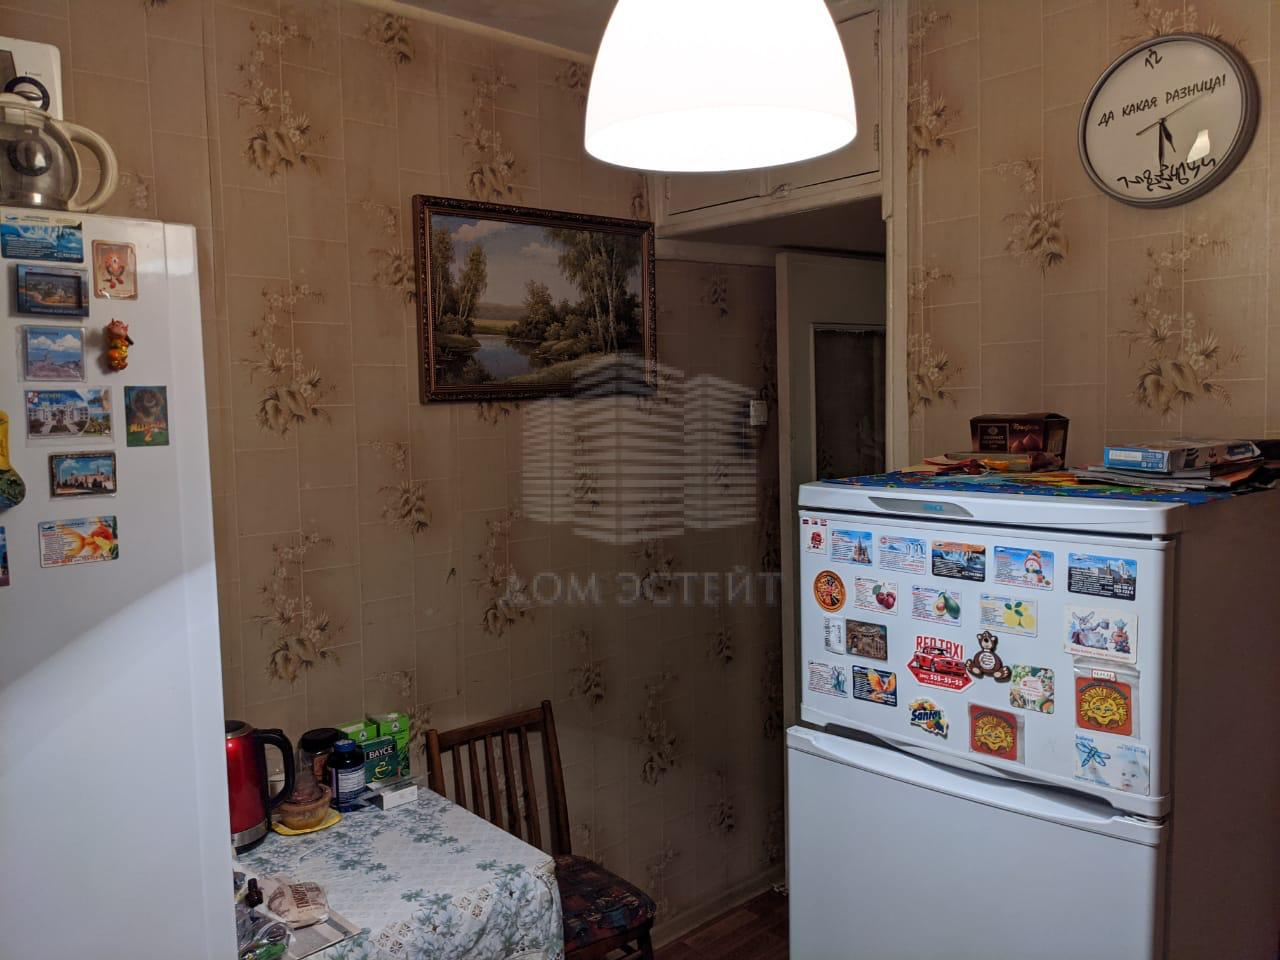 Комната в аренду по адресу Россия, Московская область, городской округ Люберцы, Люберцы, Шоссейная улица, 8